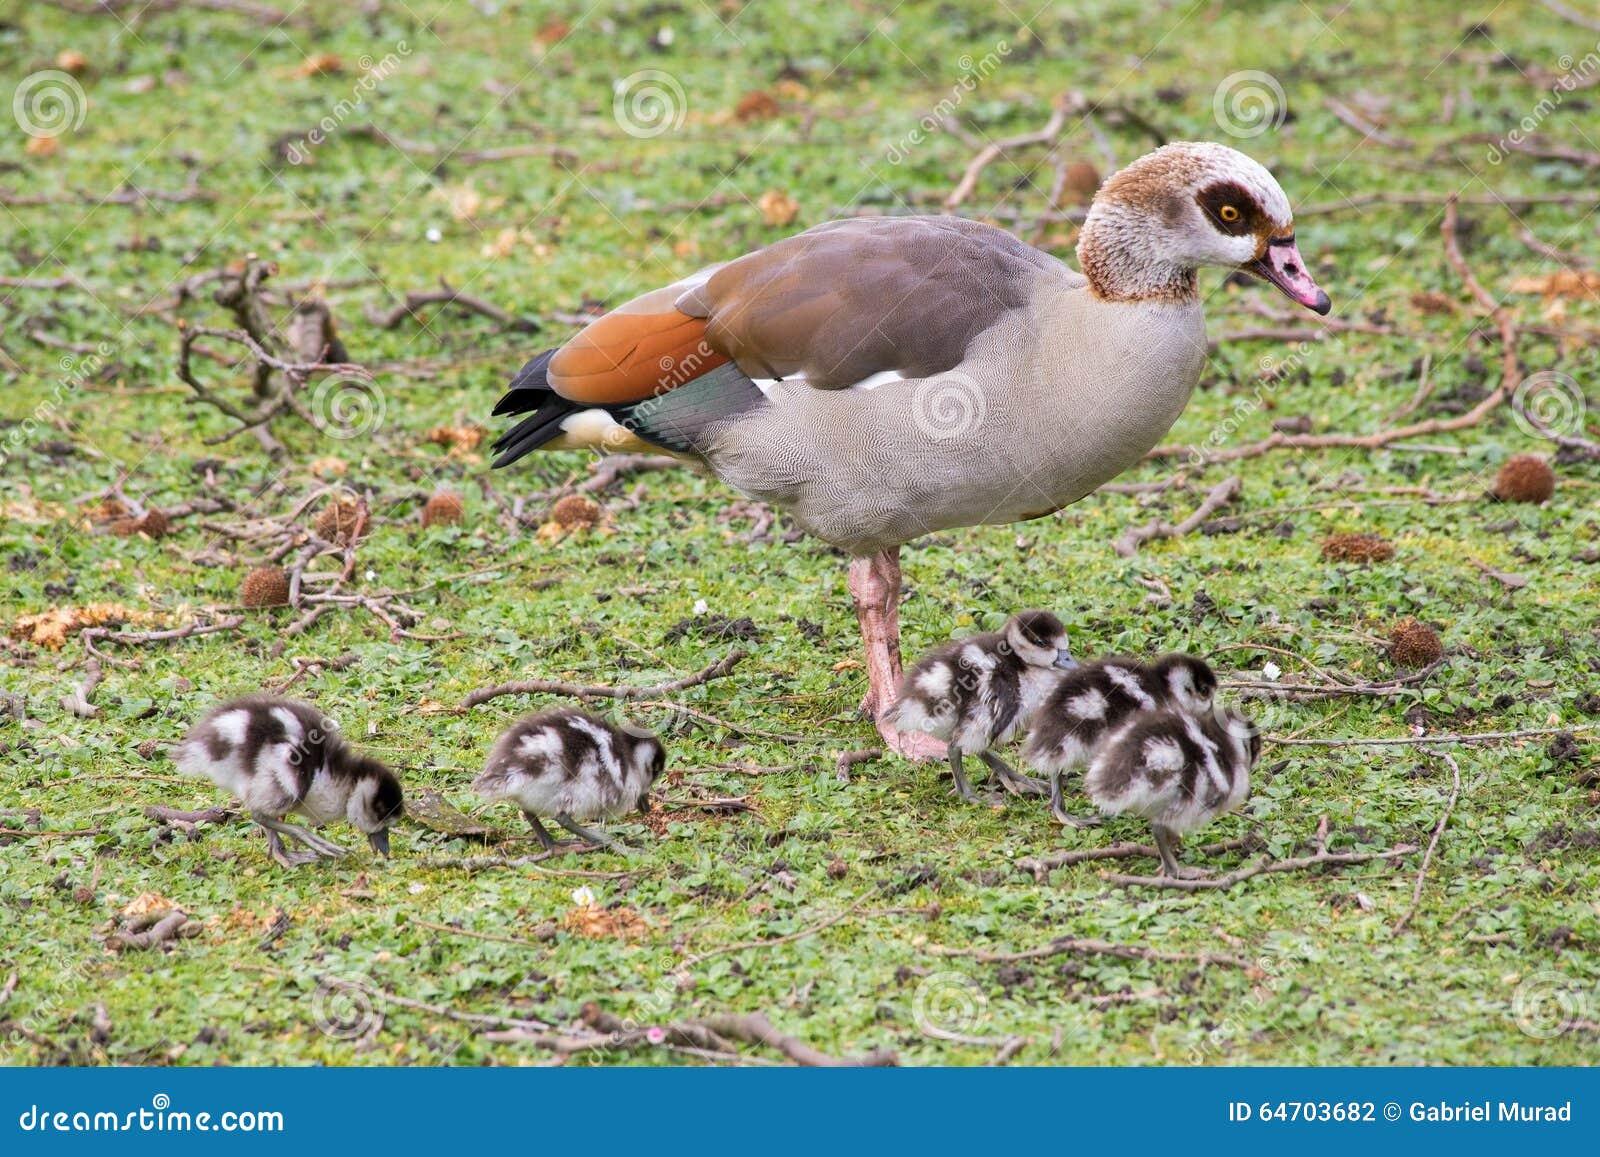 Wielka kaczka i dzieci kaczątka w parku